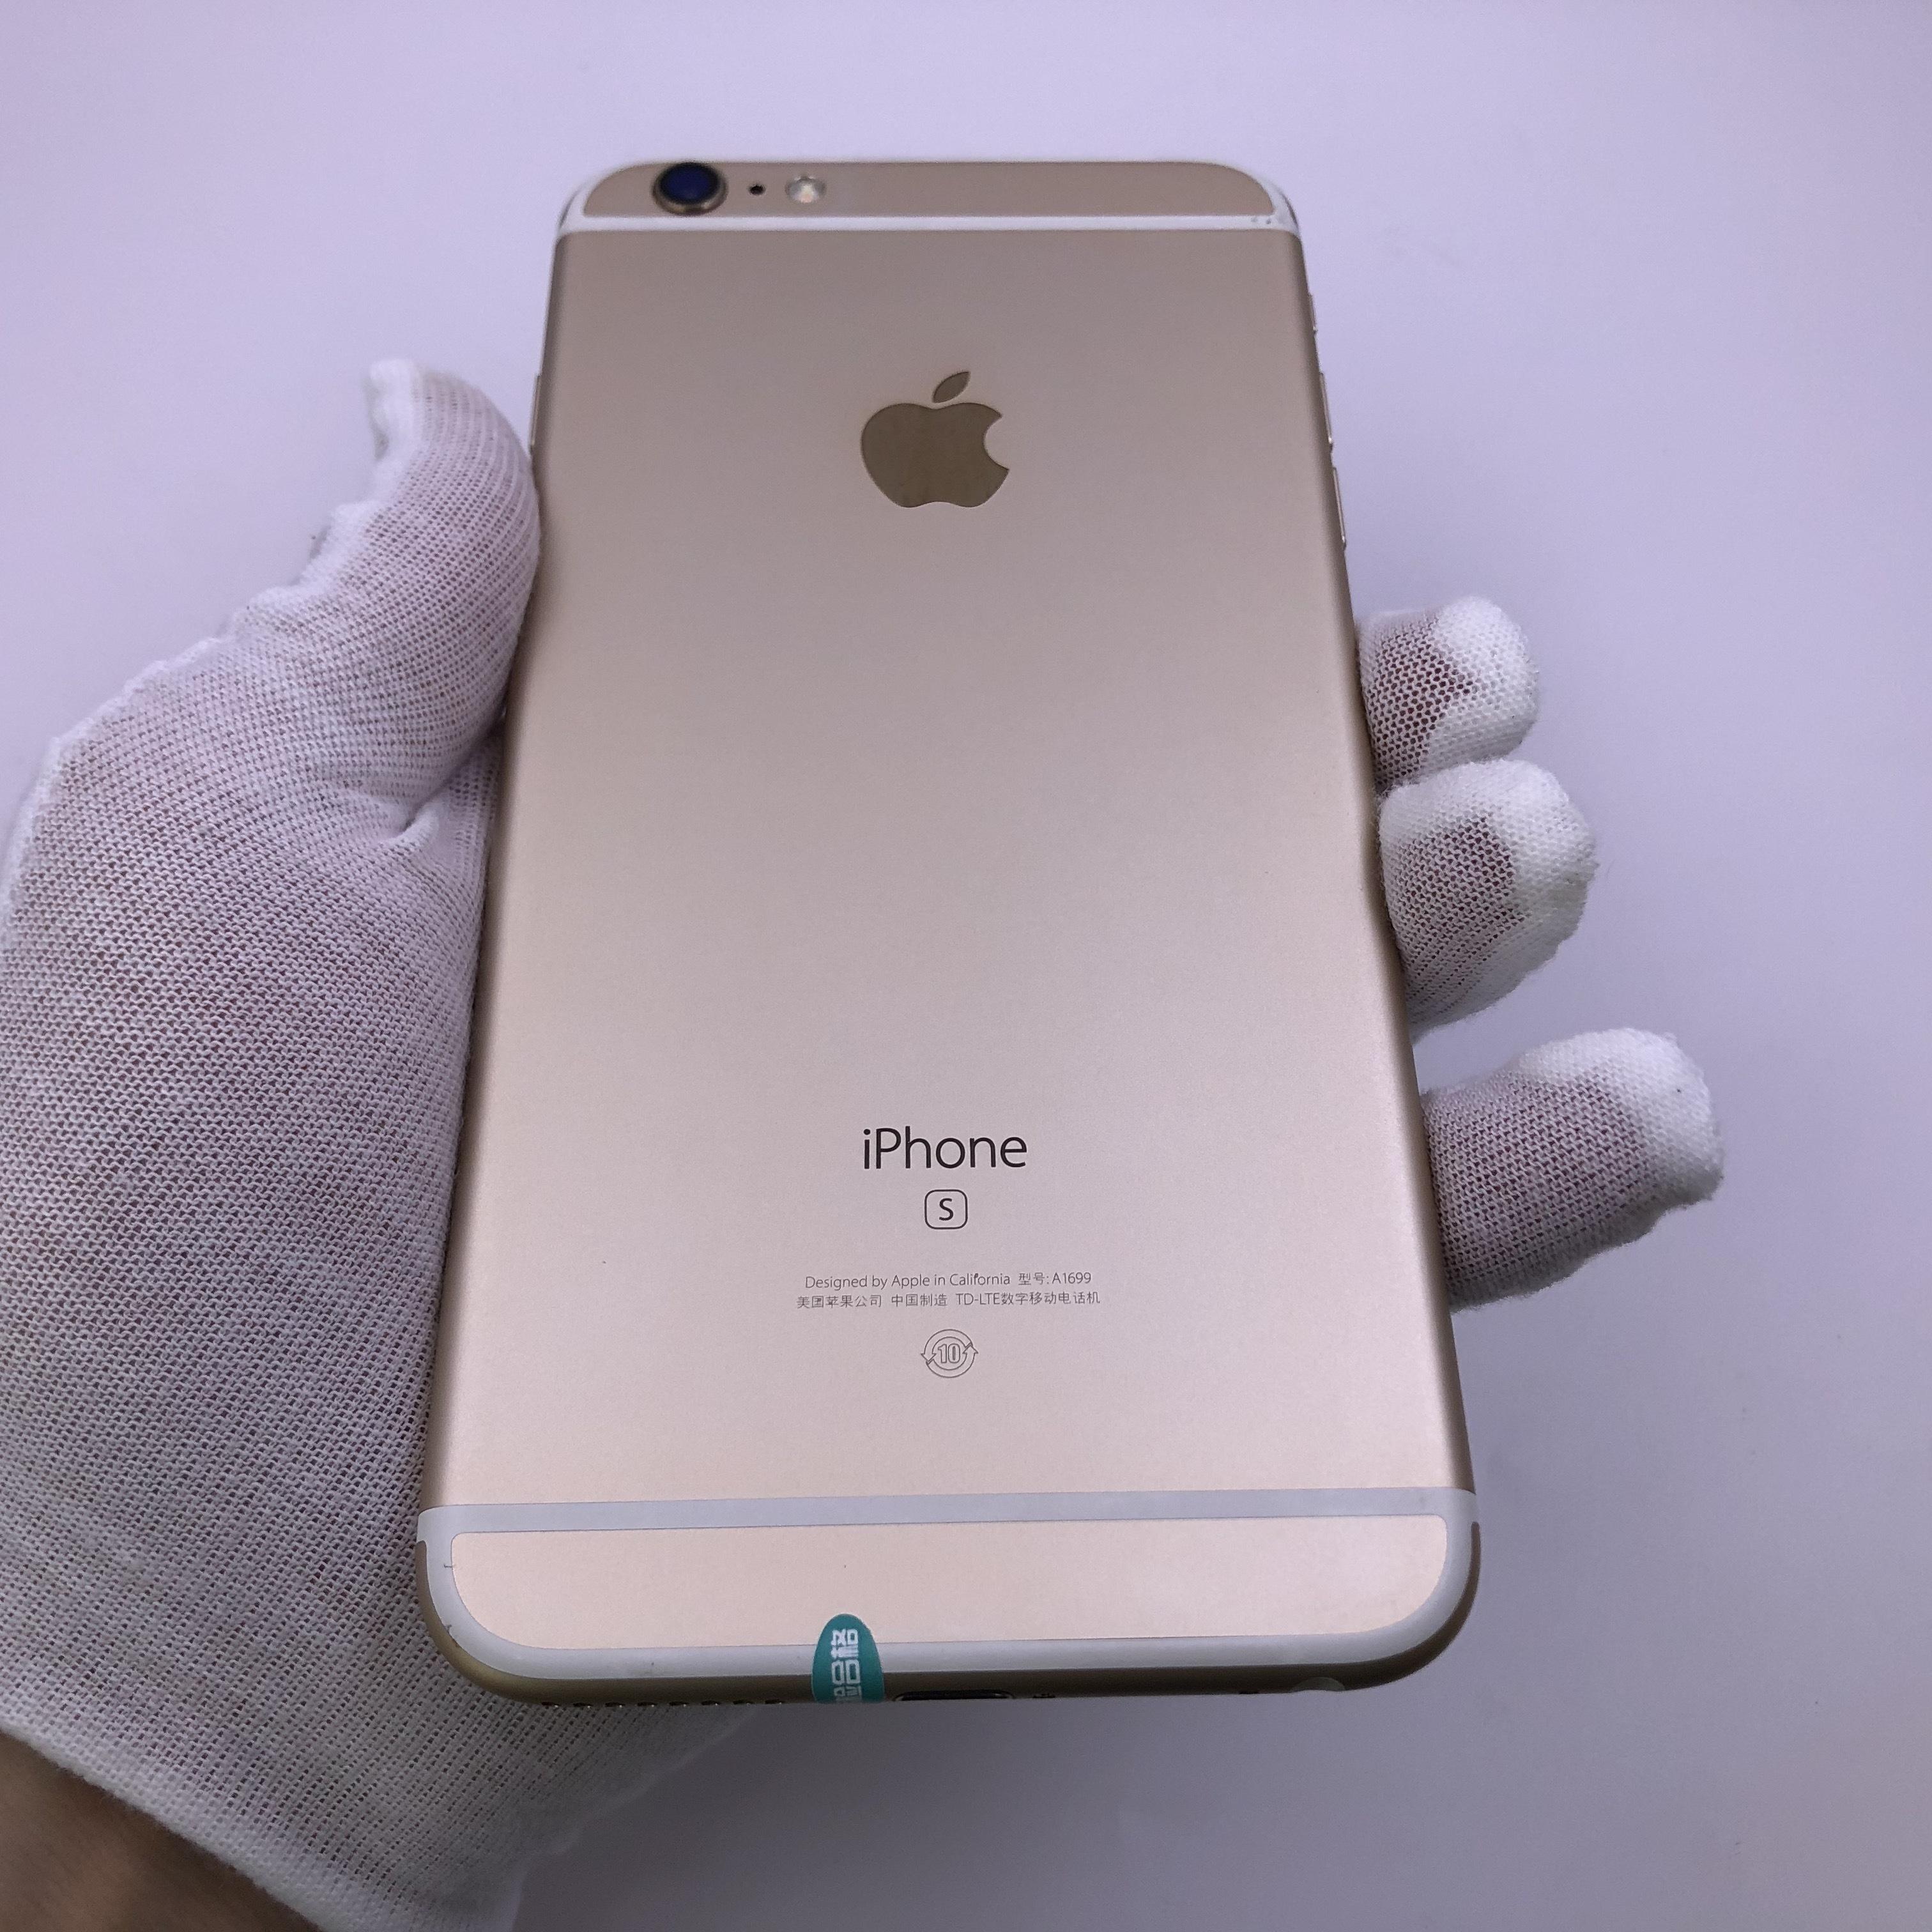 苹果【iPhone 6s Plus】4G全网通 金色 128G 国行 95新